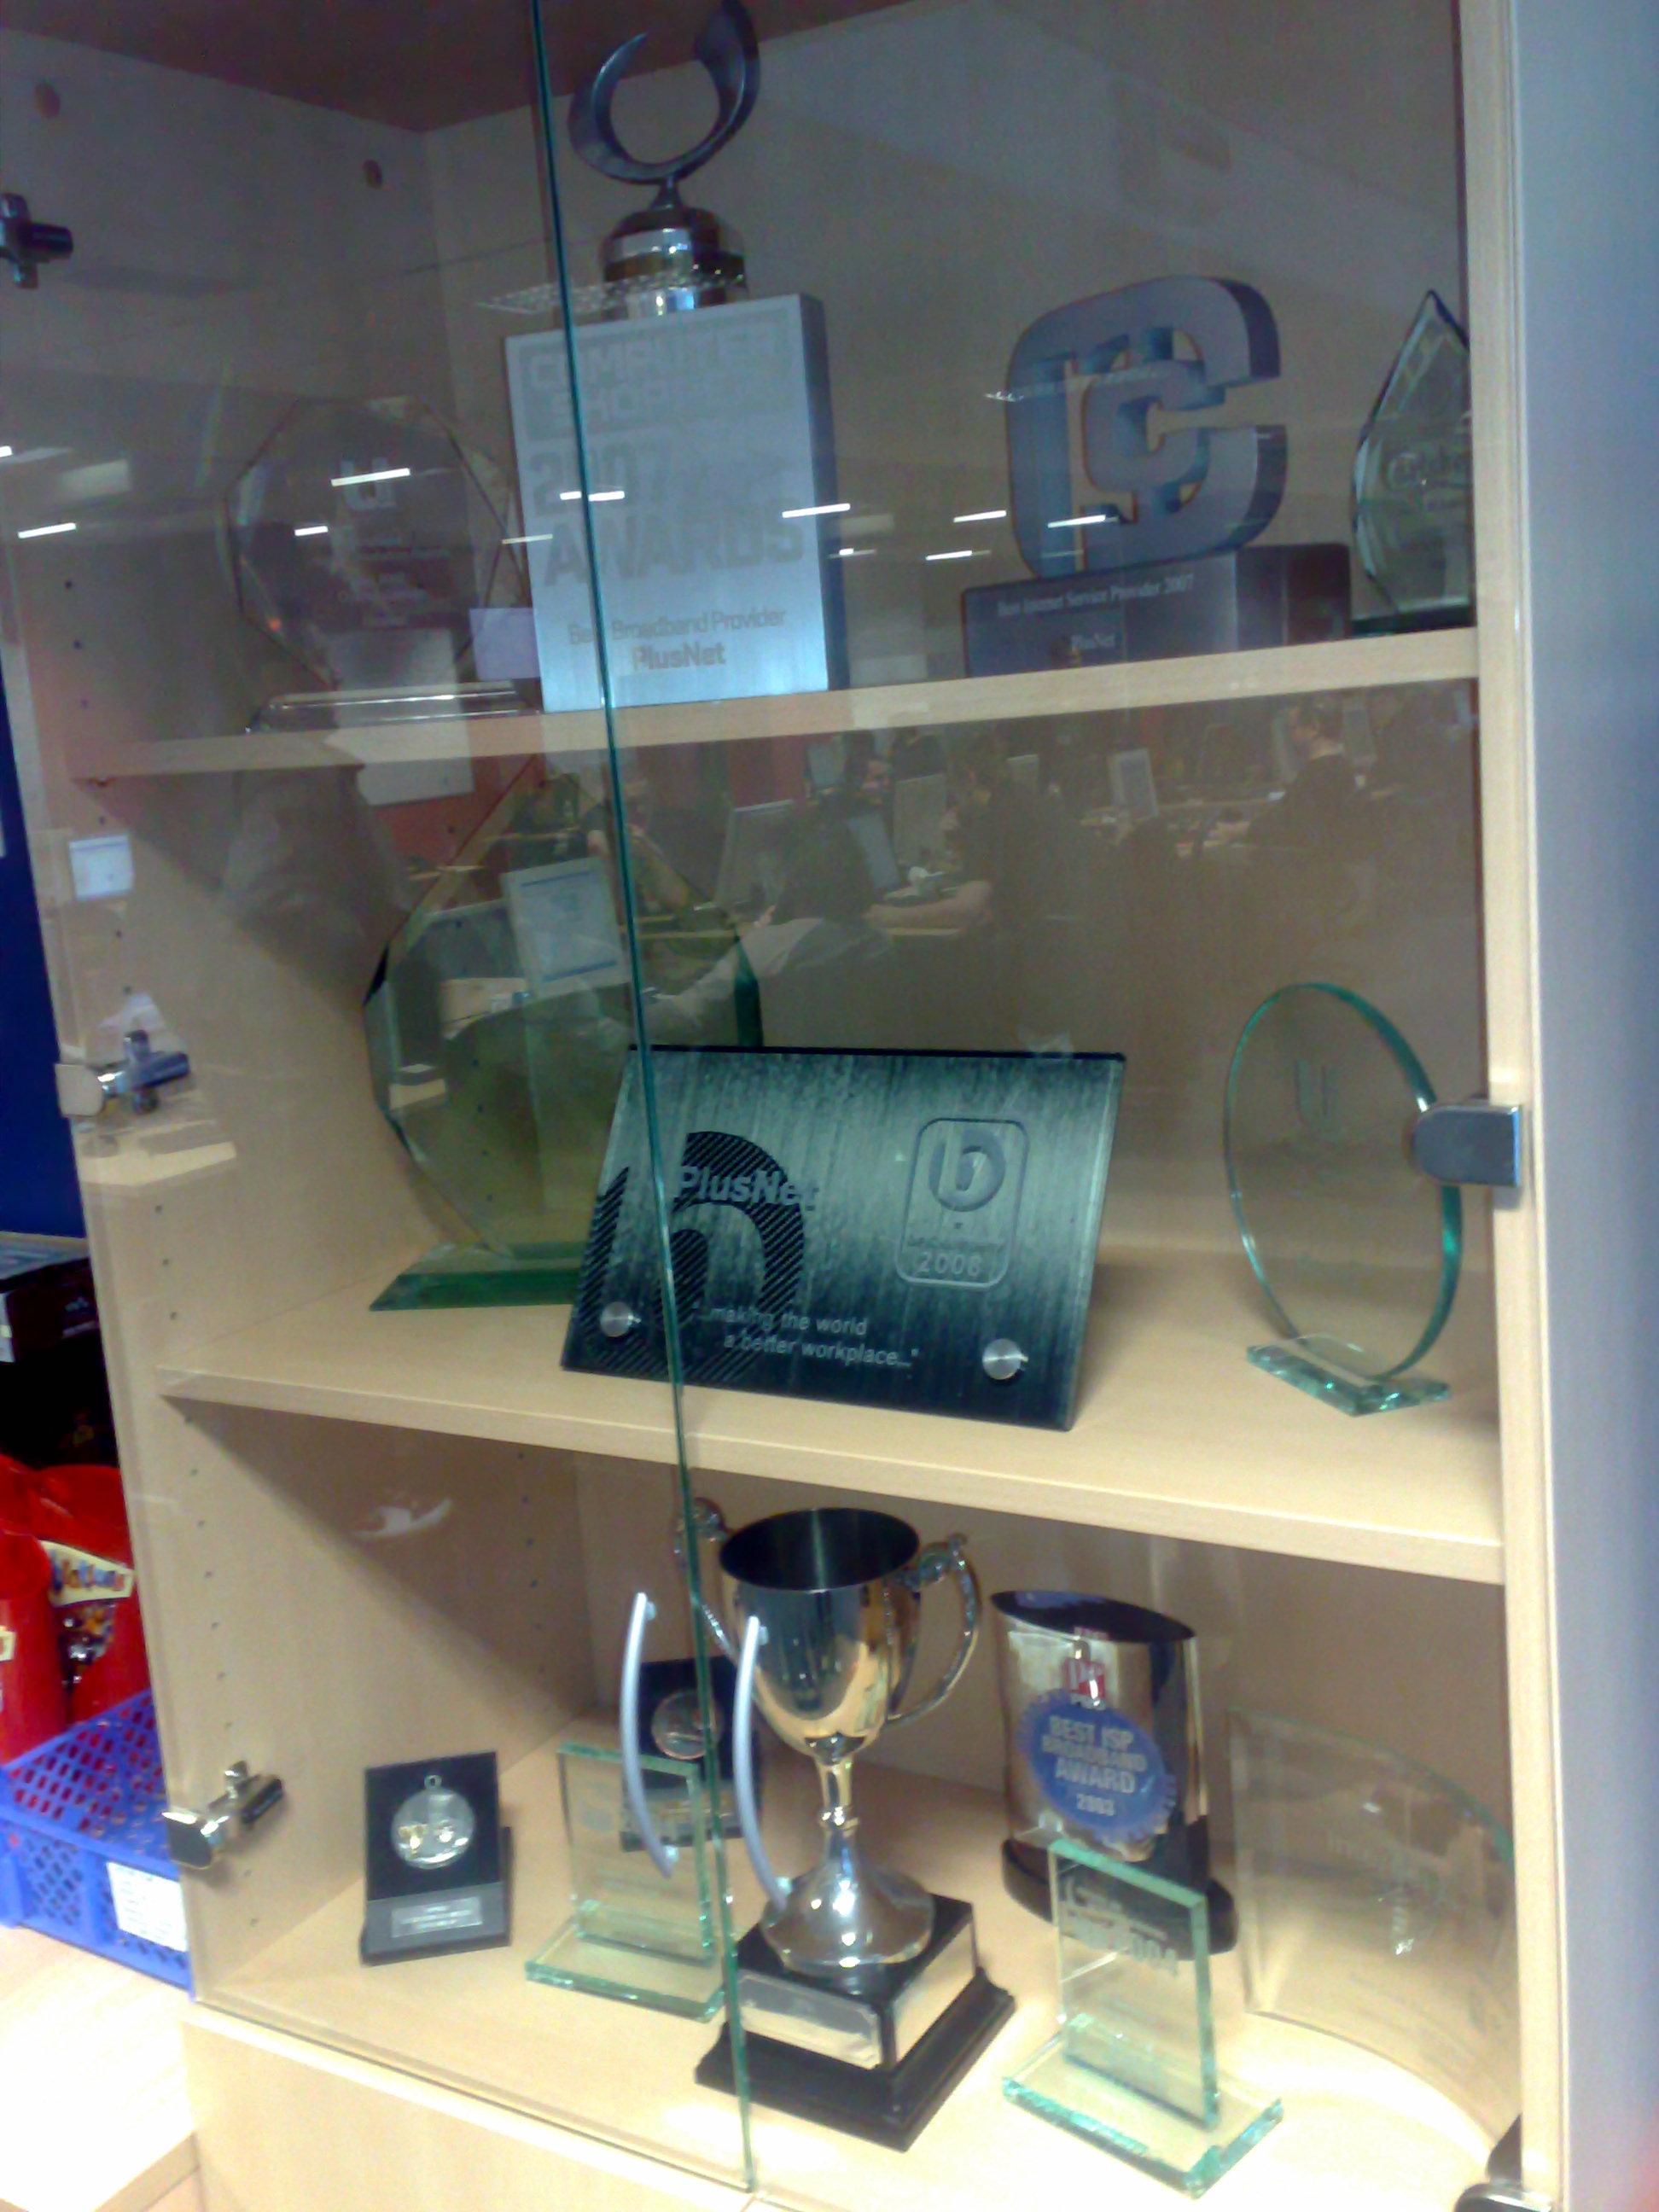 PlusNet trophy cabinet